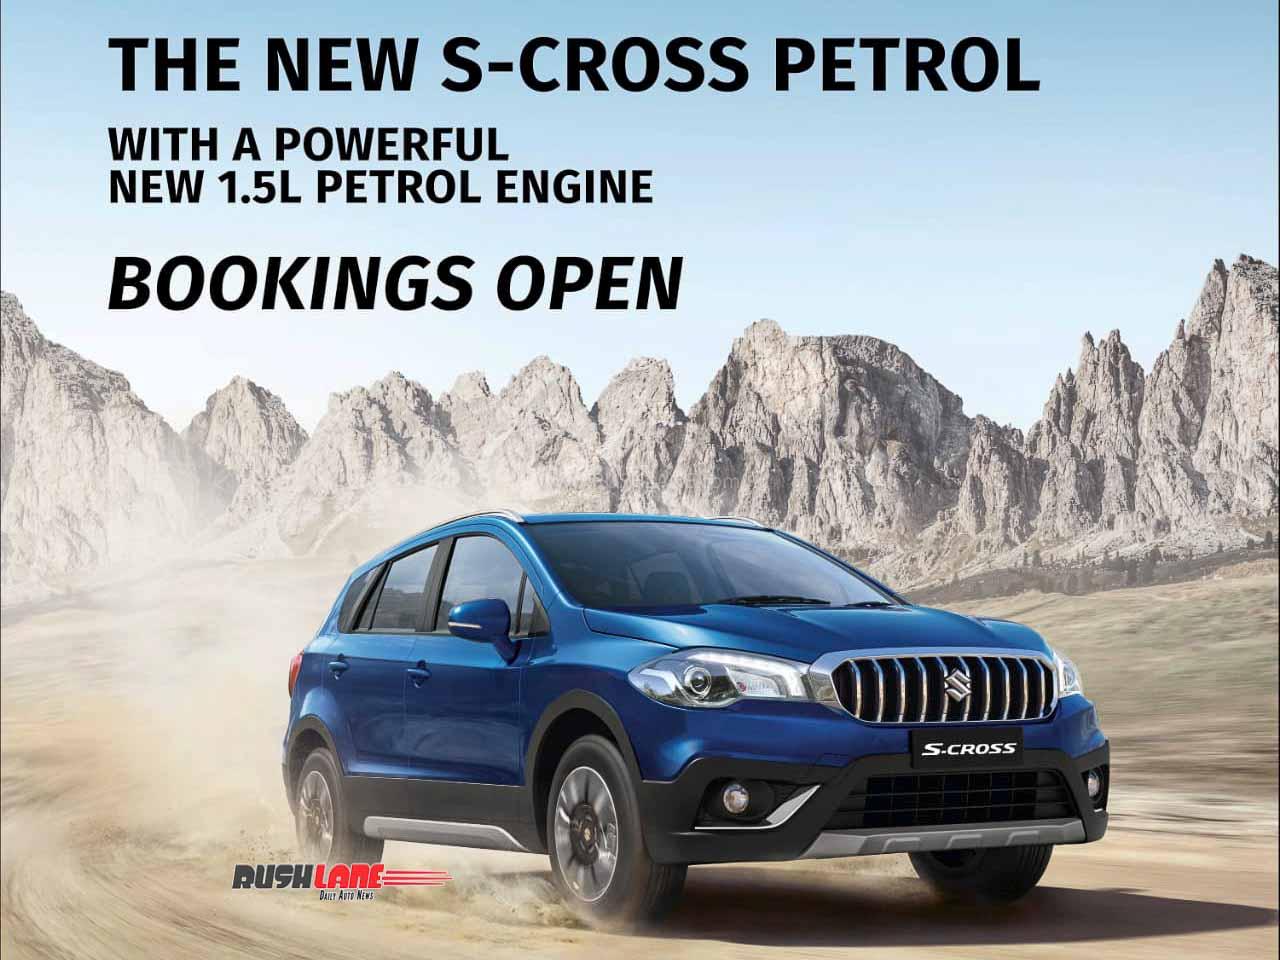 BS6 Maruti S-Cross bookings open